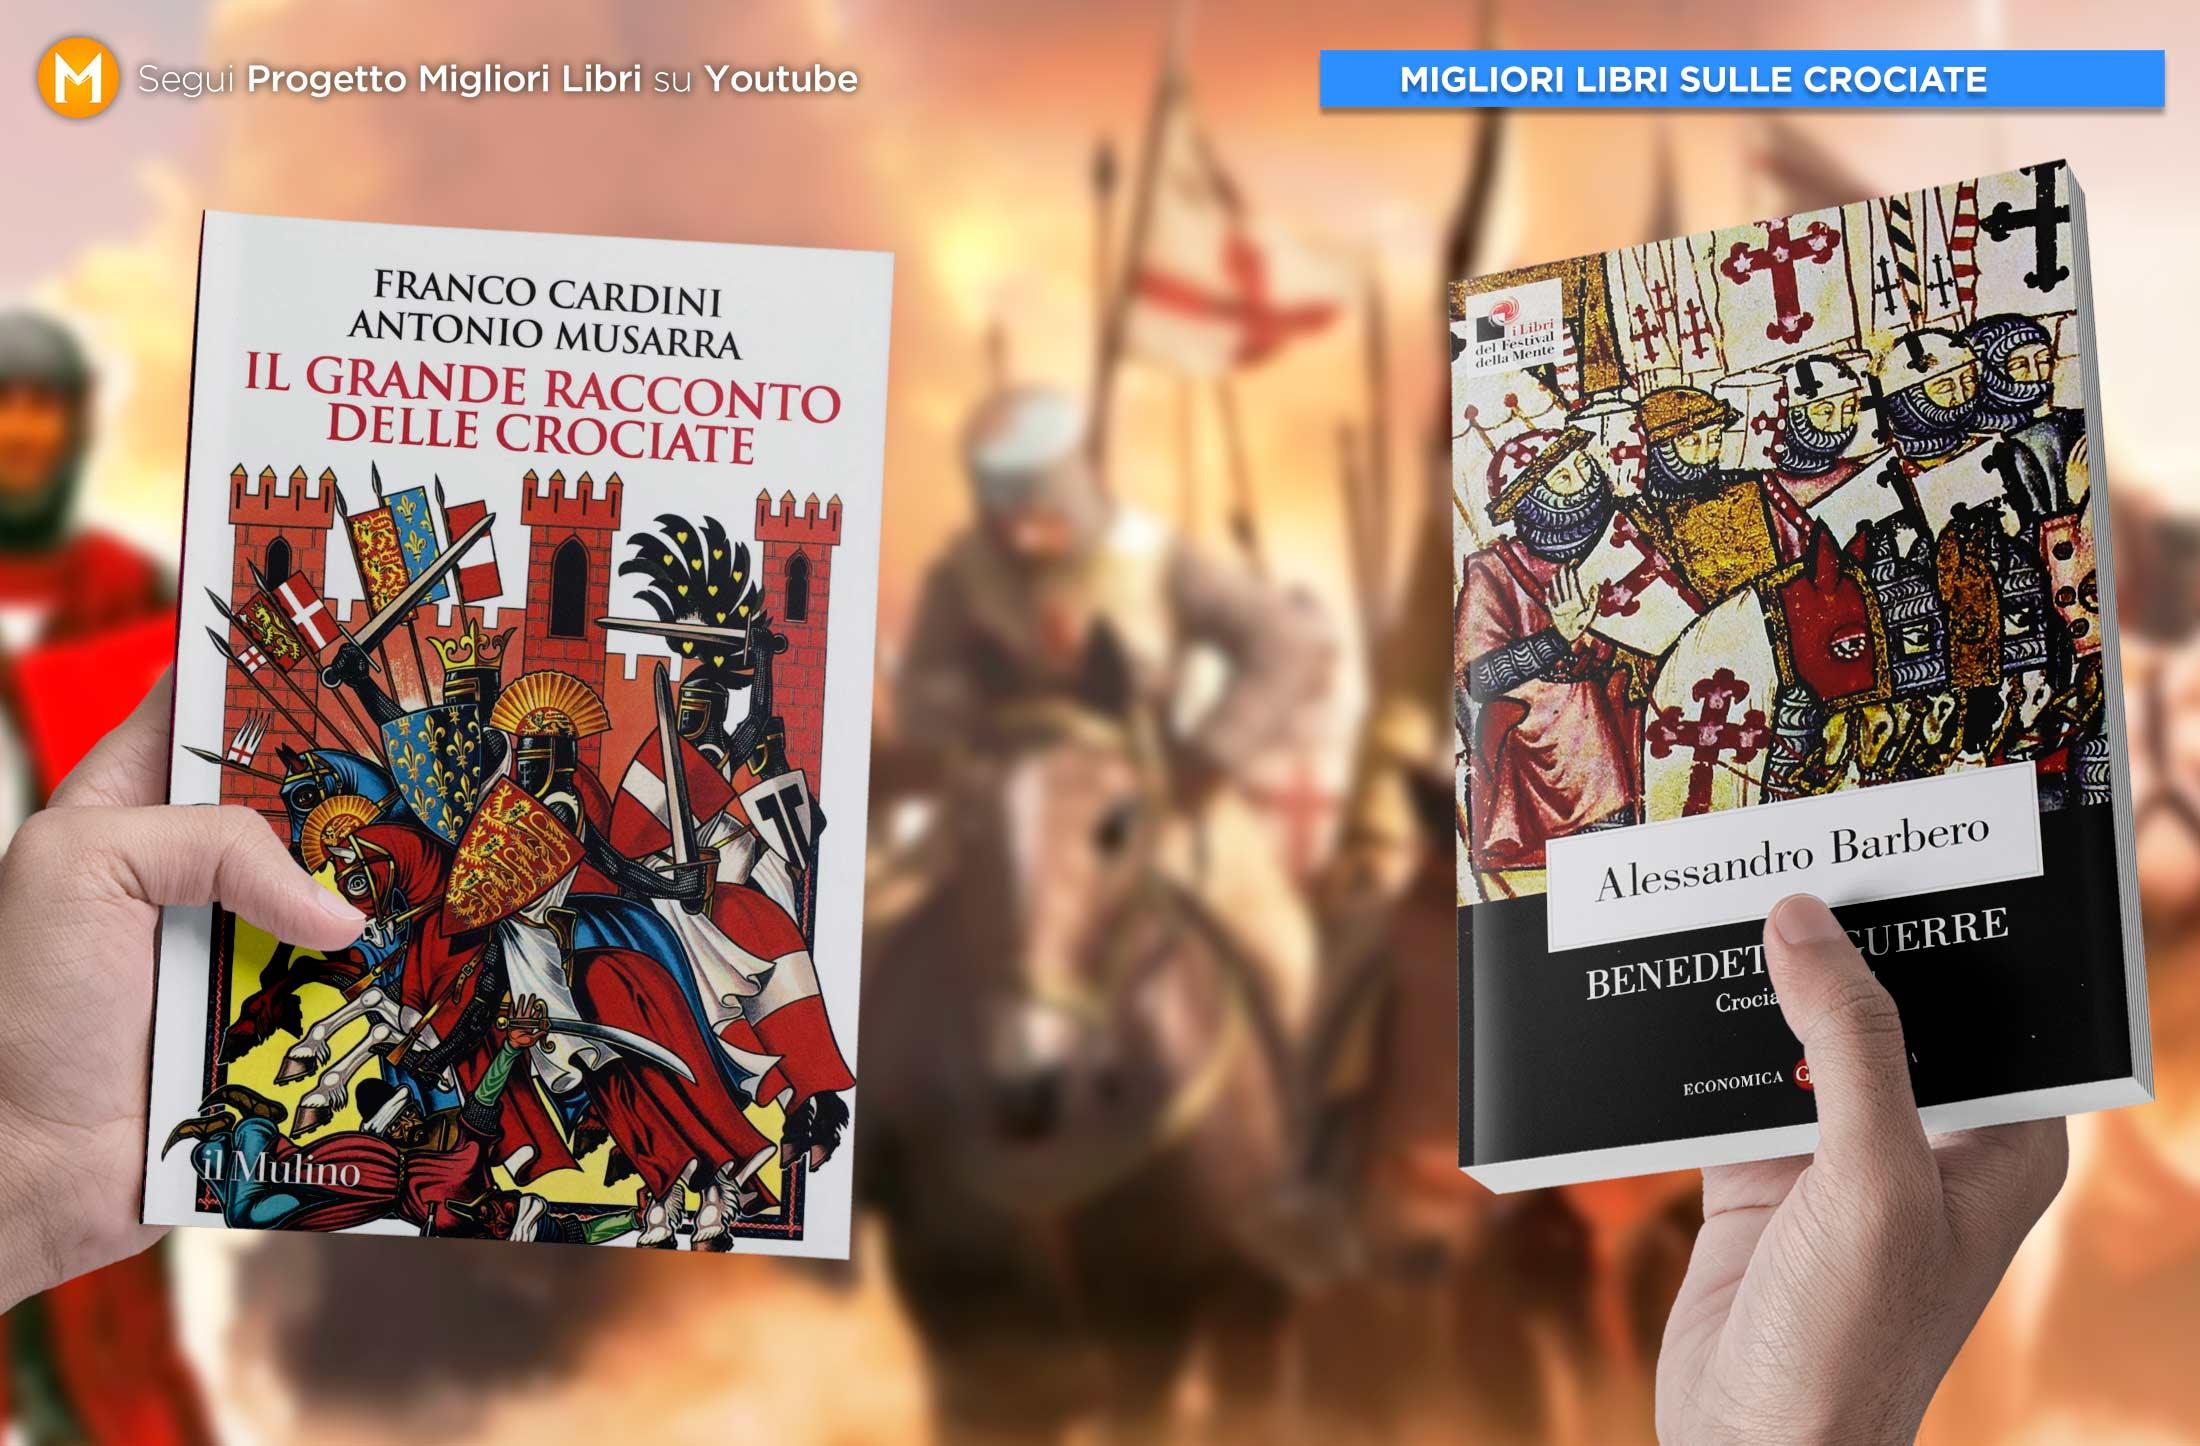 migliori-libri-sulle-crociate